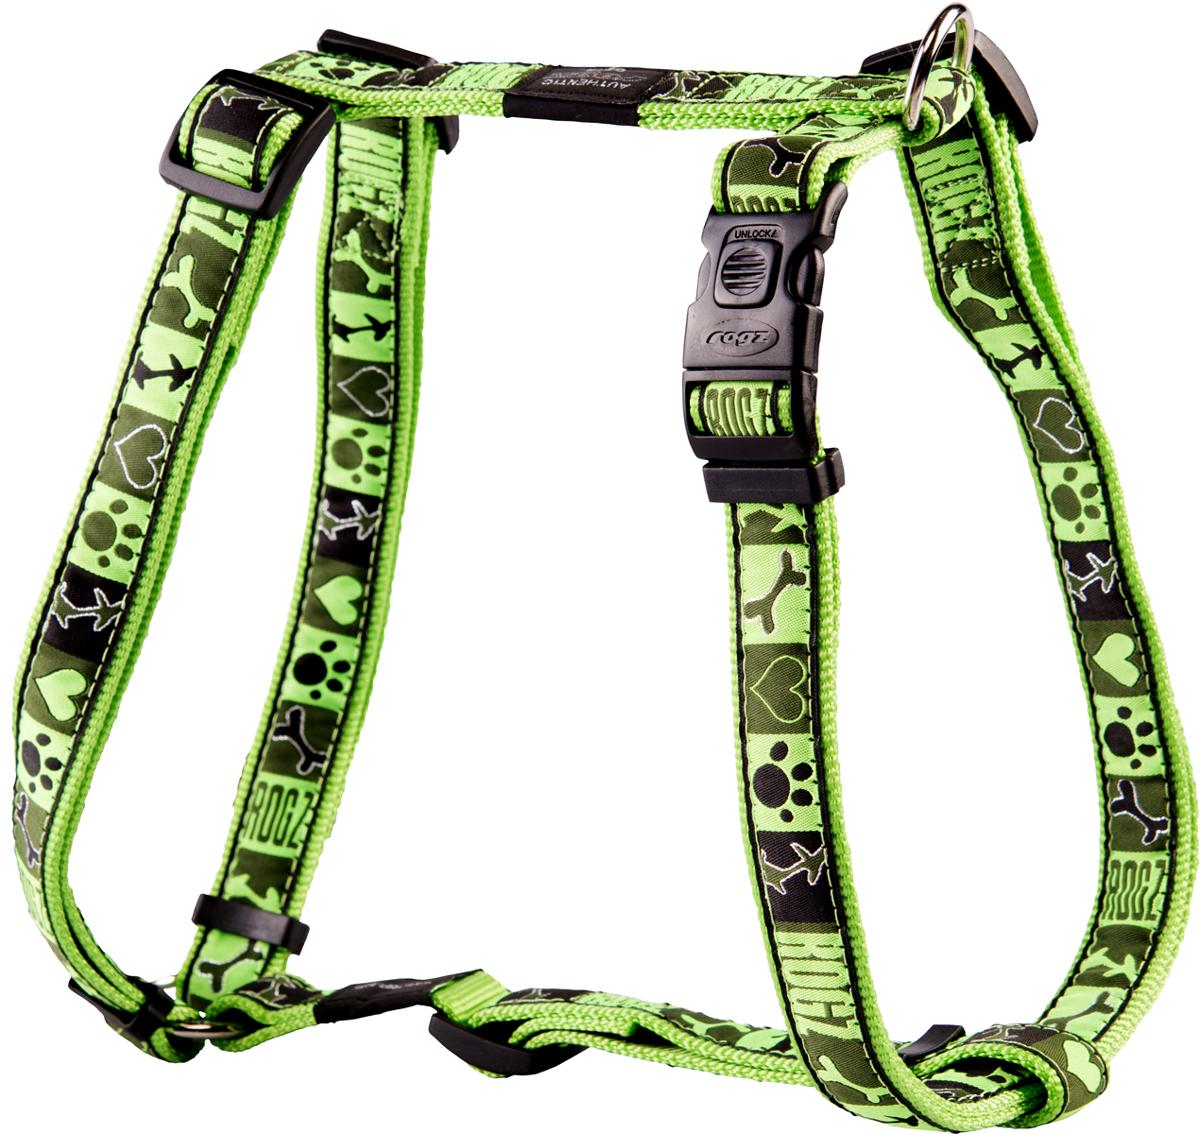 Шлейка для собак Rogz Fancy Dress, цвет: зеленый, ширина 2,5 смSJ02CFШлейка для собак Rogz Fancy Dress имеет необычный дизайн. Широкая гамма потрясающе красивых орнаментов на прочной тесьме поверх нейлоновой ленты украсит вашего питомца.Застегивается, не доставляя неудобство собаке.Специальная конструкция пряжки Rog Loc - очень крепкая(система Fort Knox). Замок может быть расстегнут только рукой человека.С помощью системы ремней изделие подгоняется под животного индивидуально.Необыкновенно крепкая и прочная шлейка.Выполненные по заказу литые кольца выдерживают значительные физические нагрузки и имеют хромирование, нанесенное гальваническим способом, что позволяет избежать коррозии и потускнения изделия.Легко можно прикрепить к ошейнику и поводку.